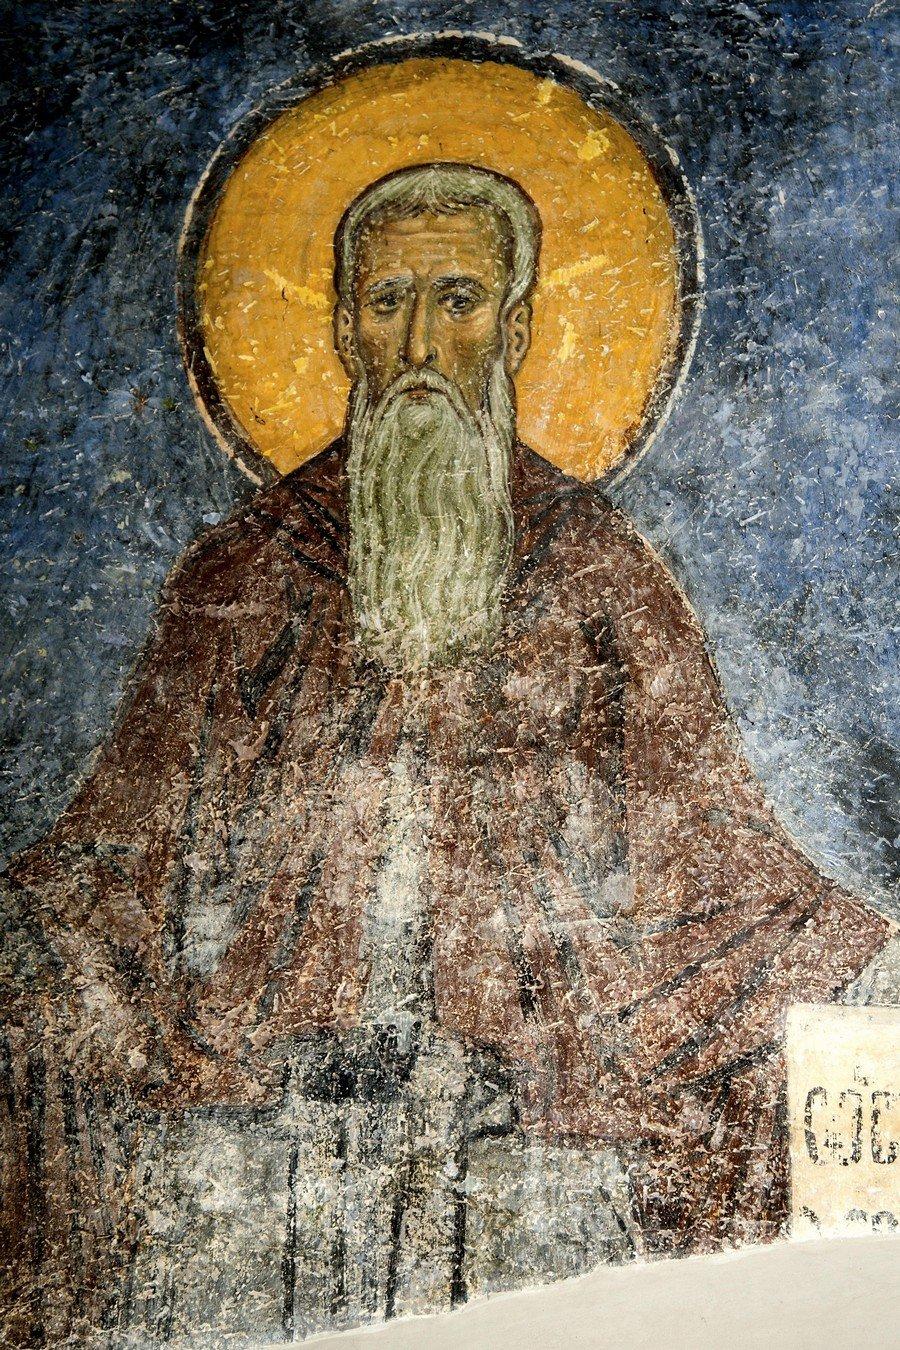 Преподобный отец. Фреска монастыря Святого Пантелеимона в Нерези близ Скопье, Македония. 1164 год.